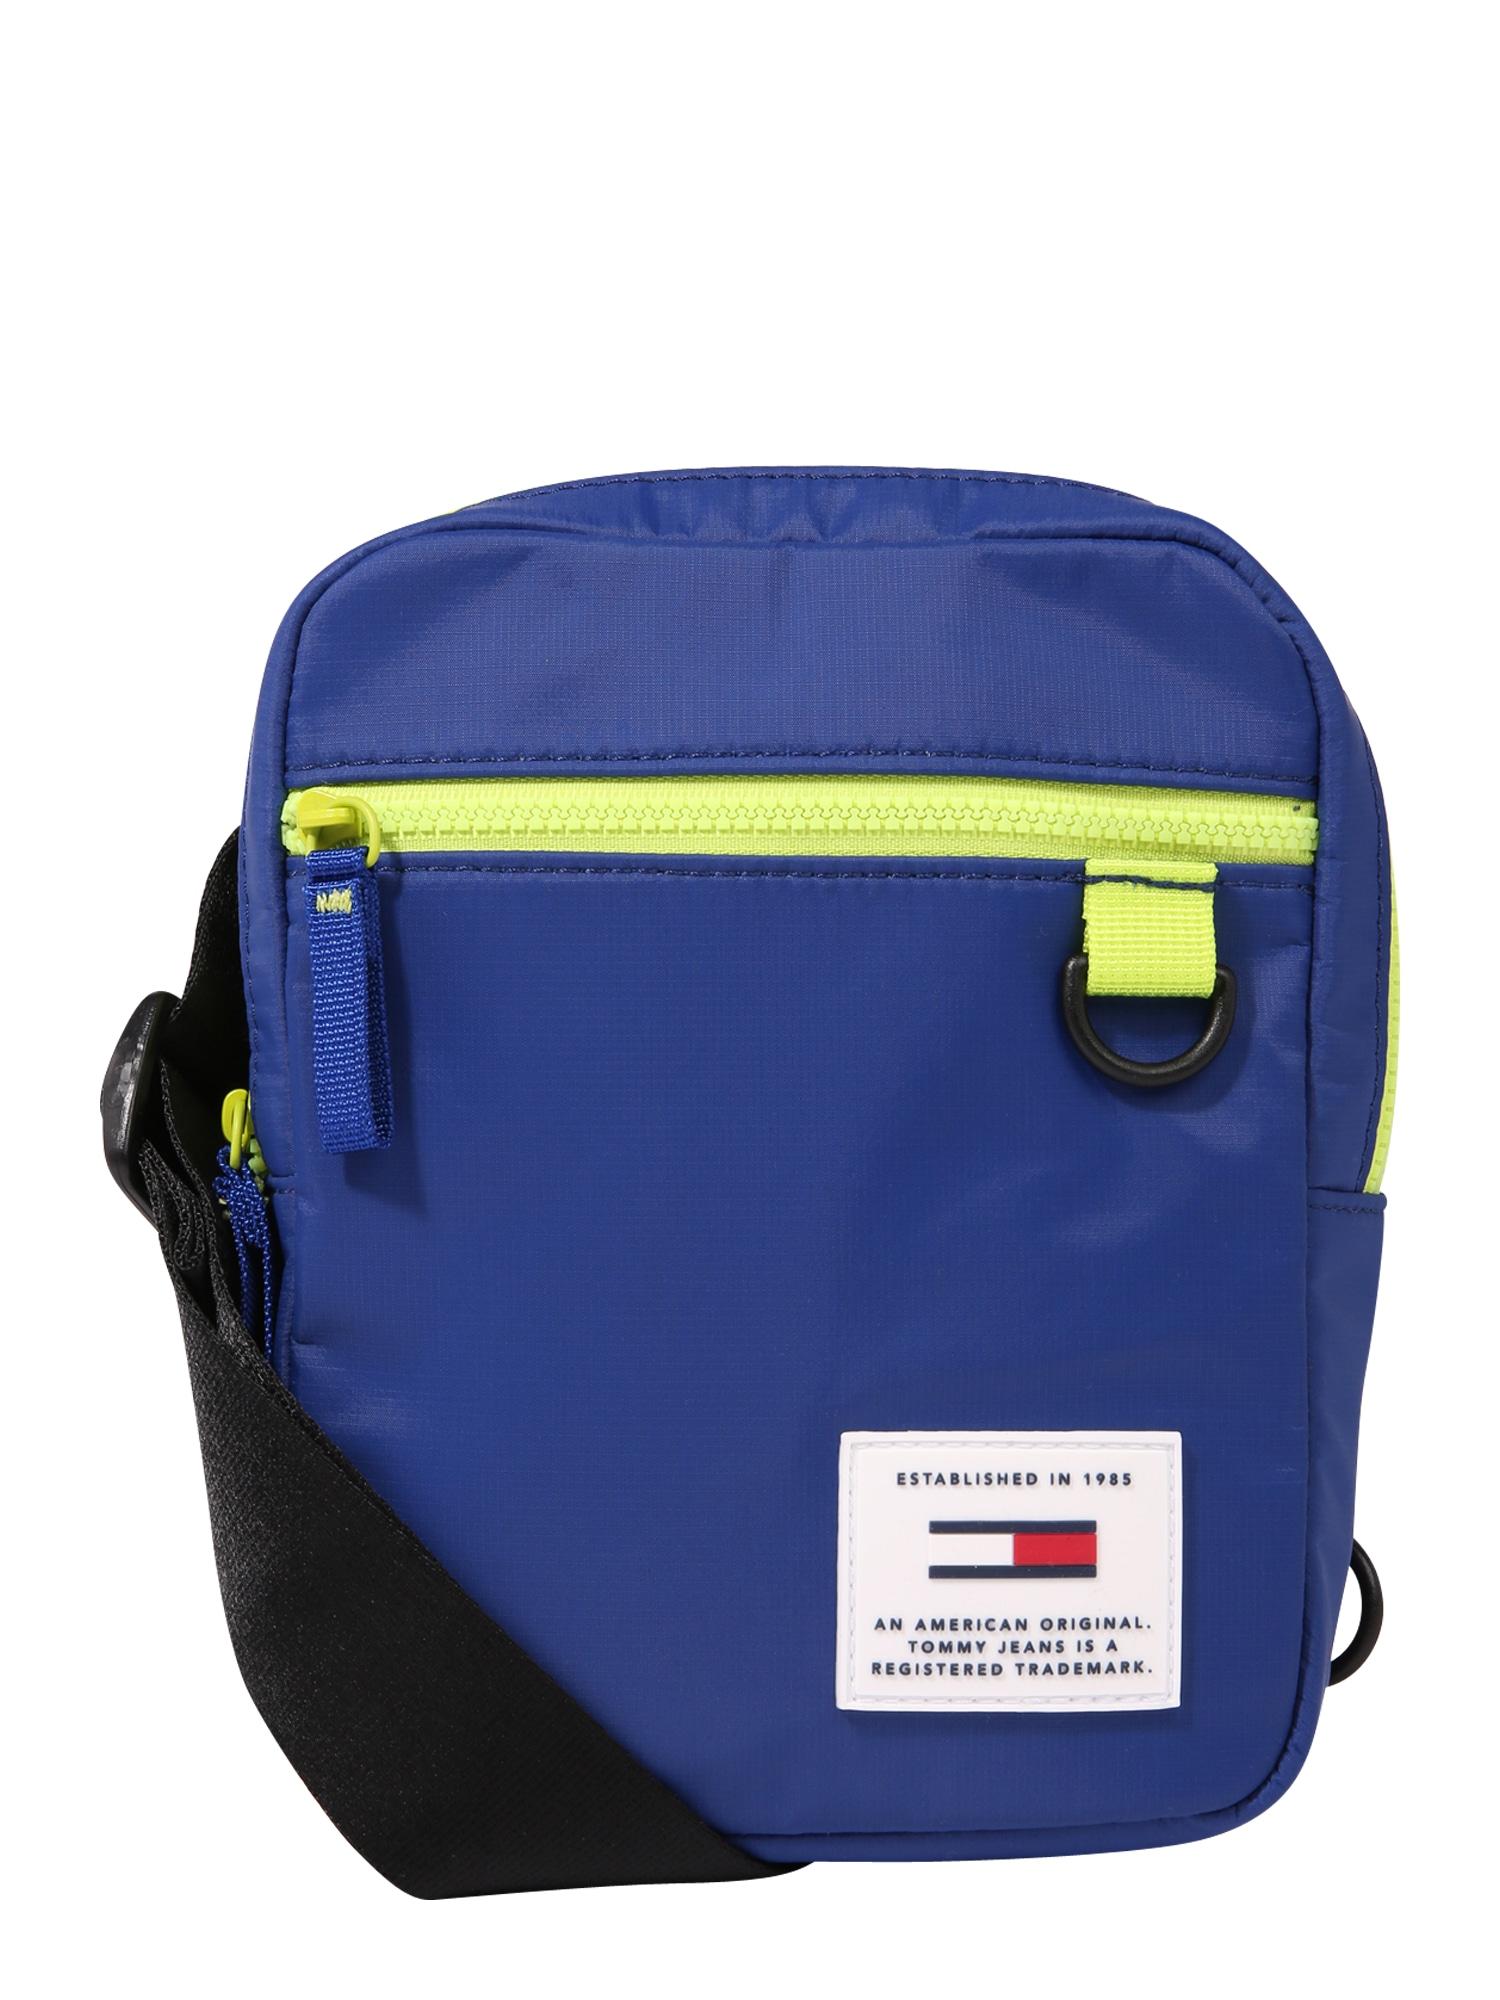 Taška přes rameno URBAN TECH REPORTER modrá svítivě zelená Tommy Jeans